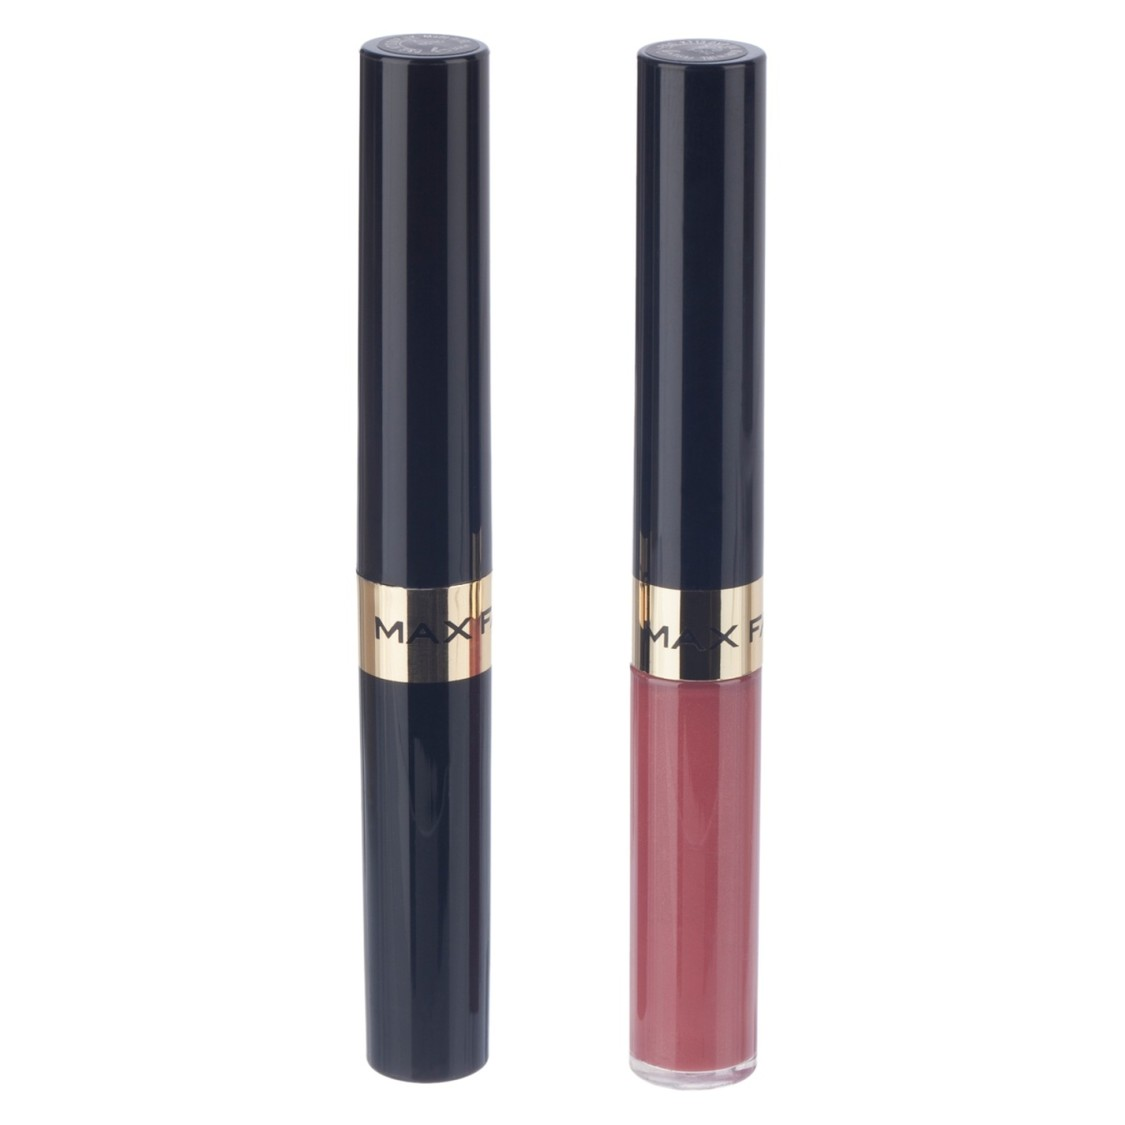 Max Factor Lipfinity Lipstick